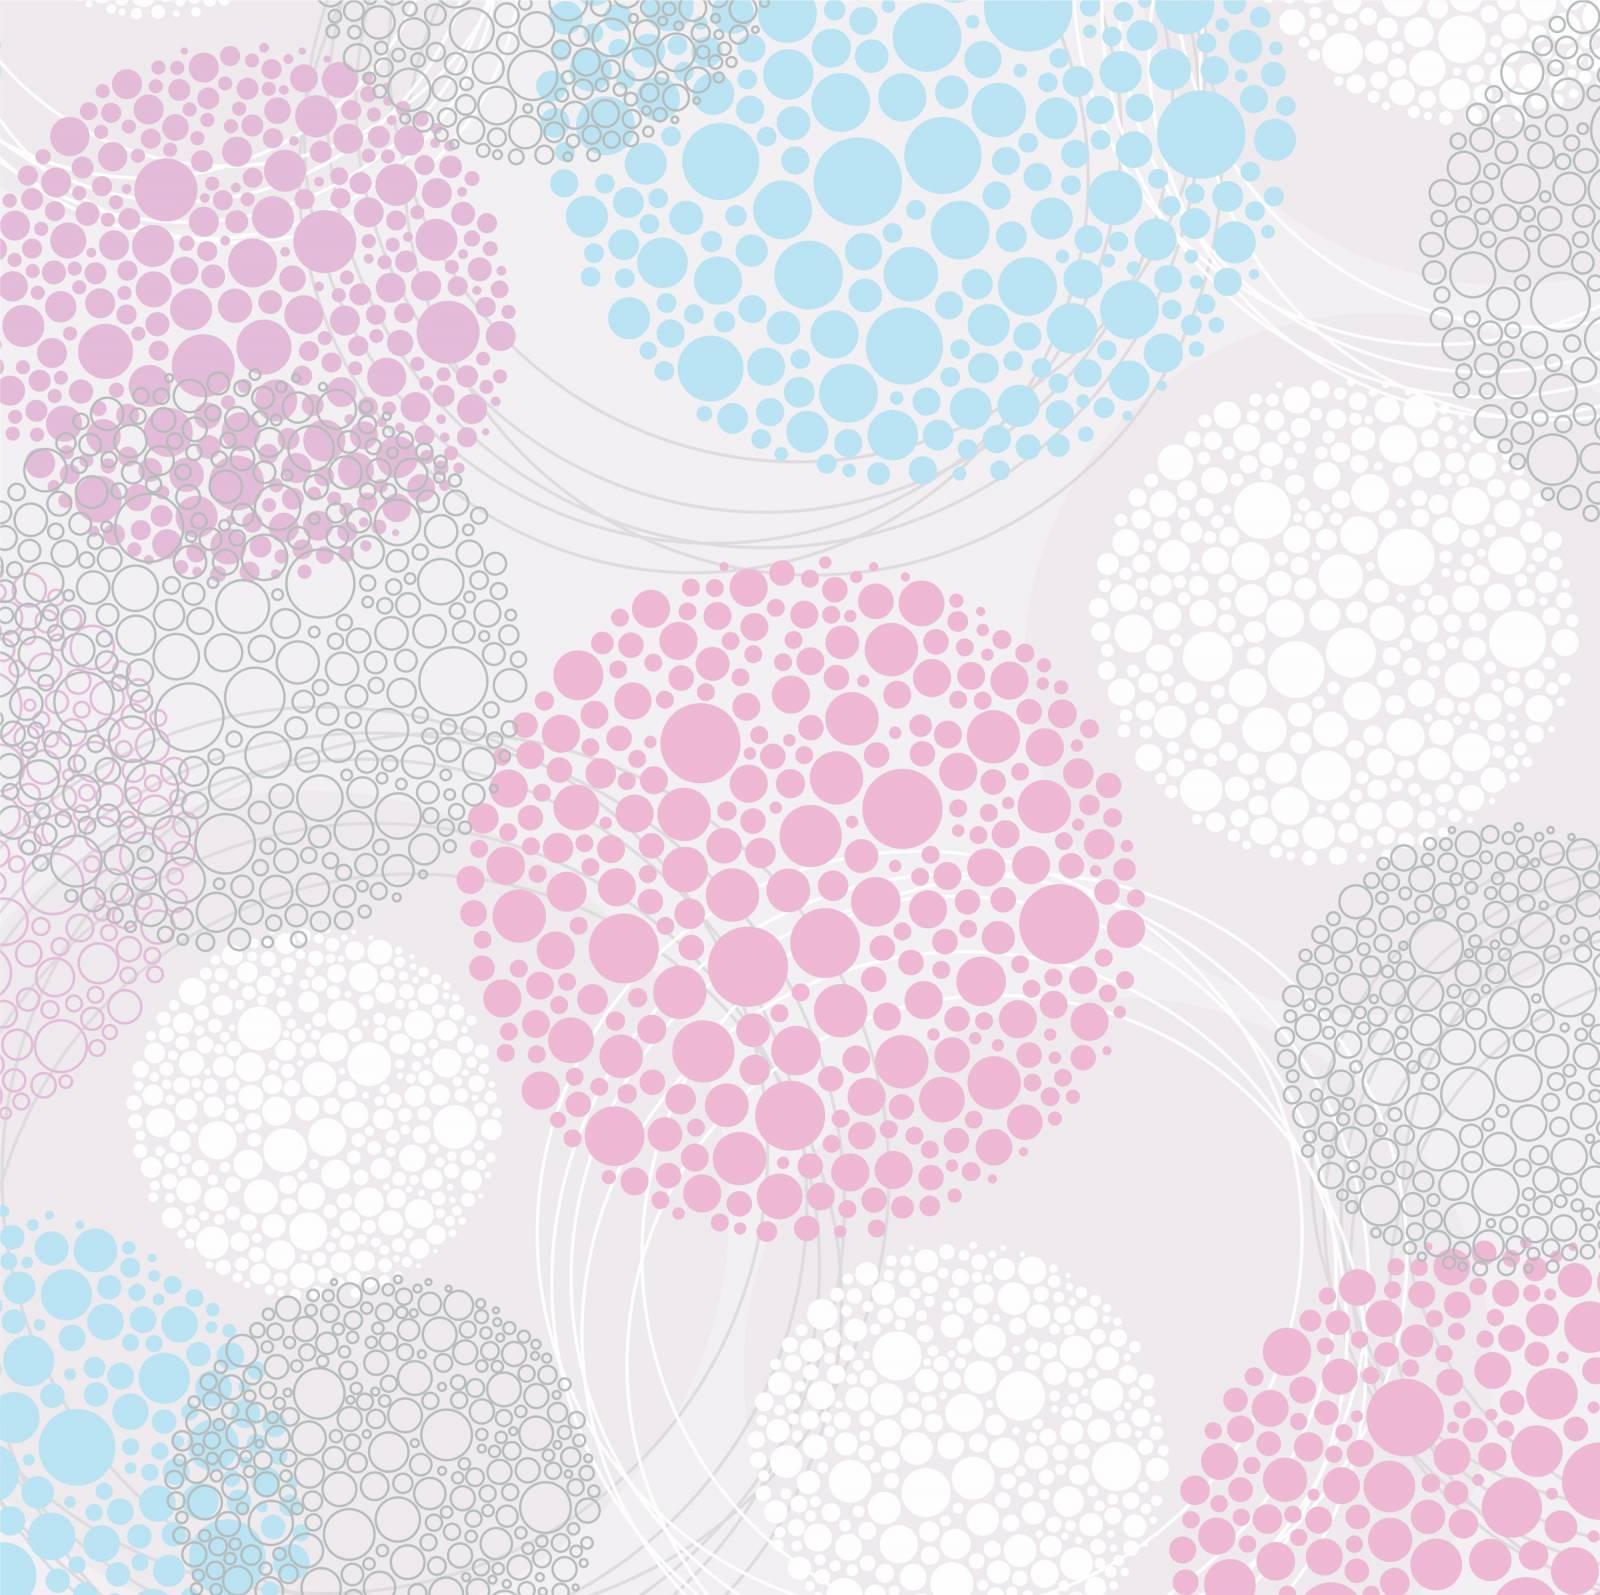 Papel de Parede Poá Pastel/Rolo  imagem 1